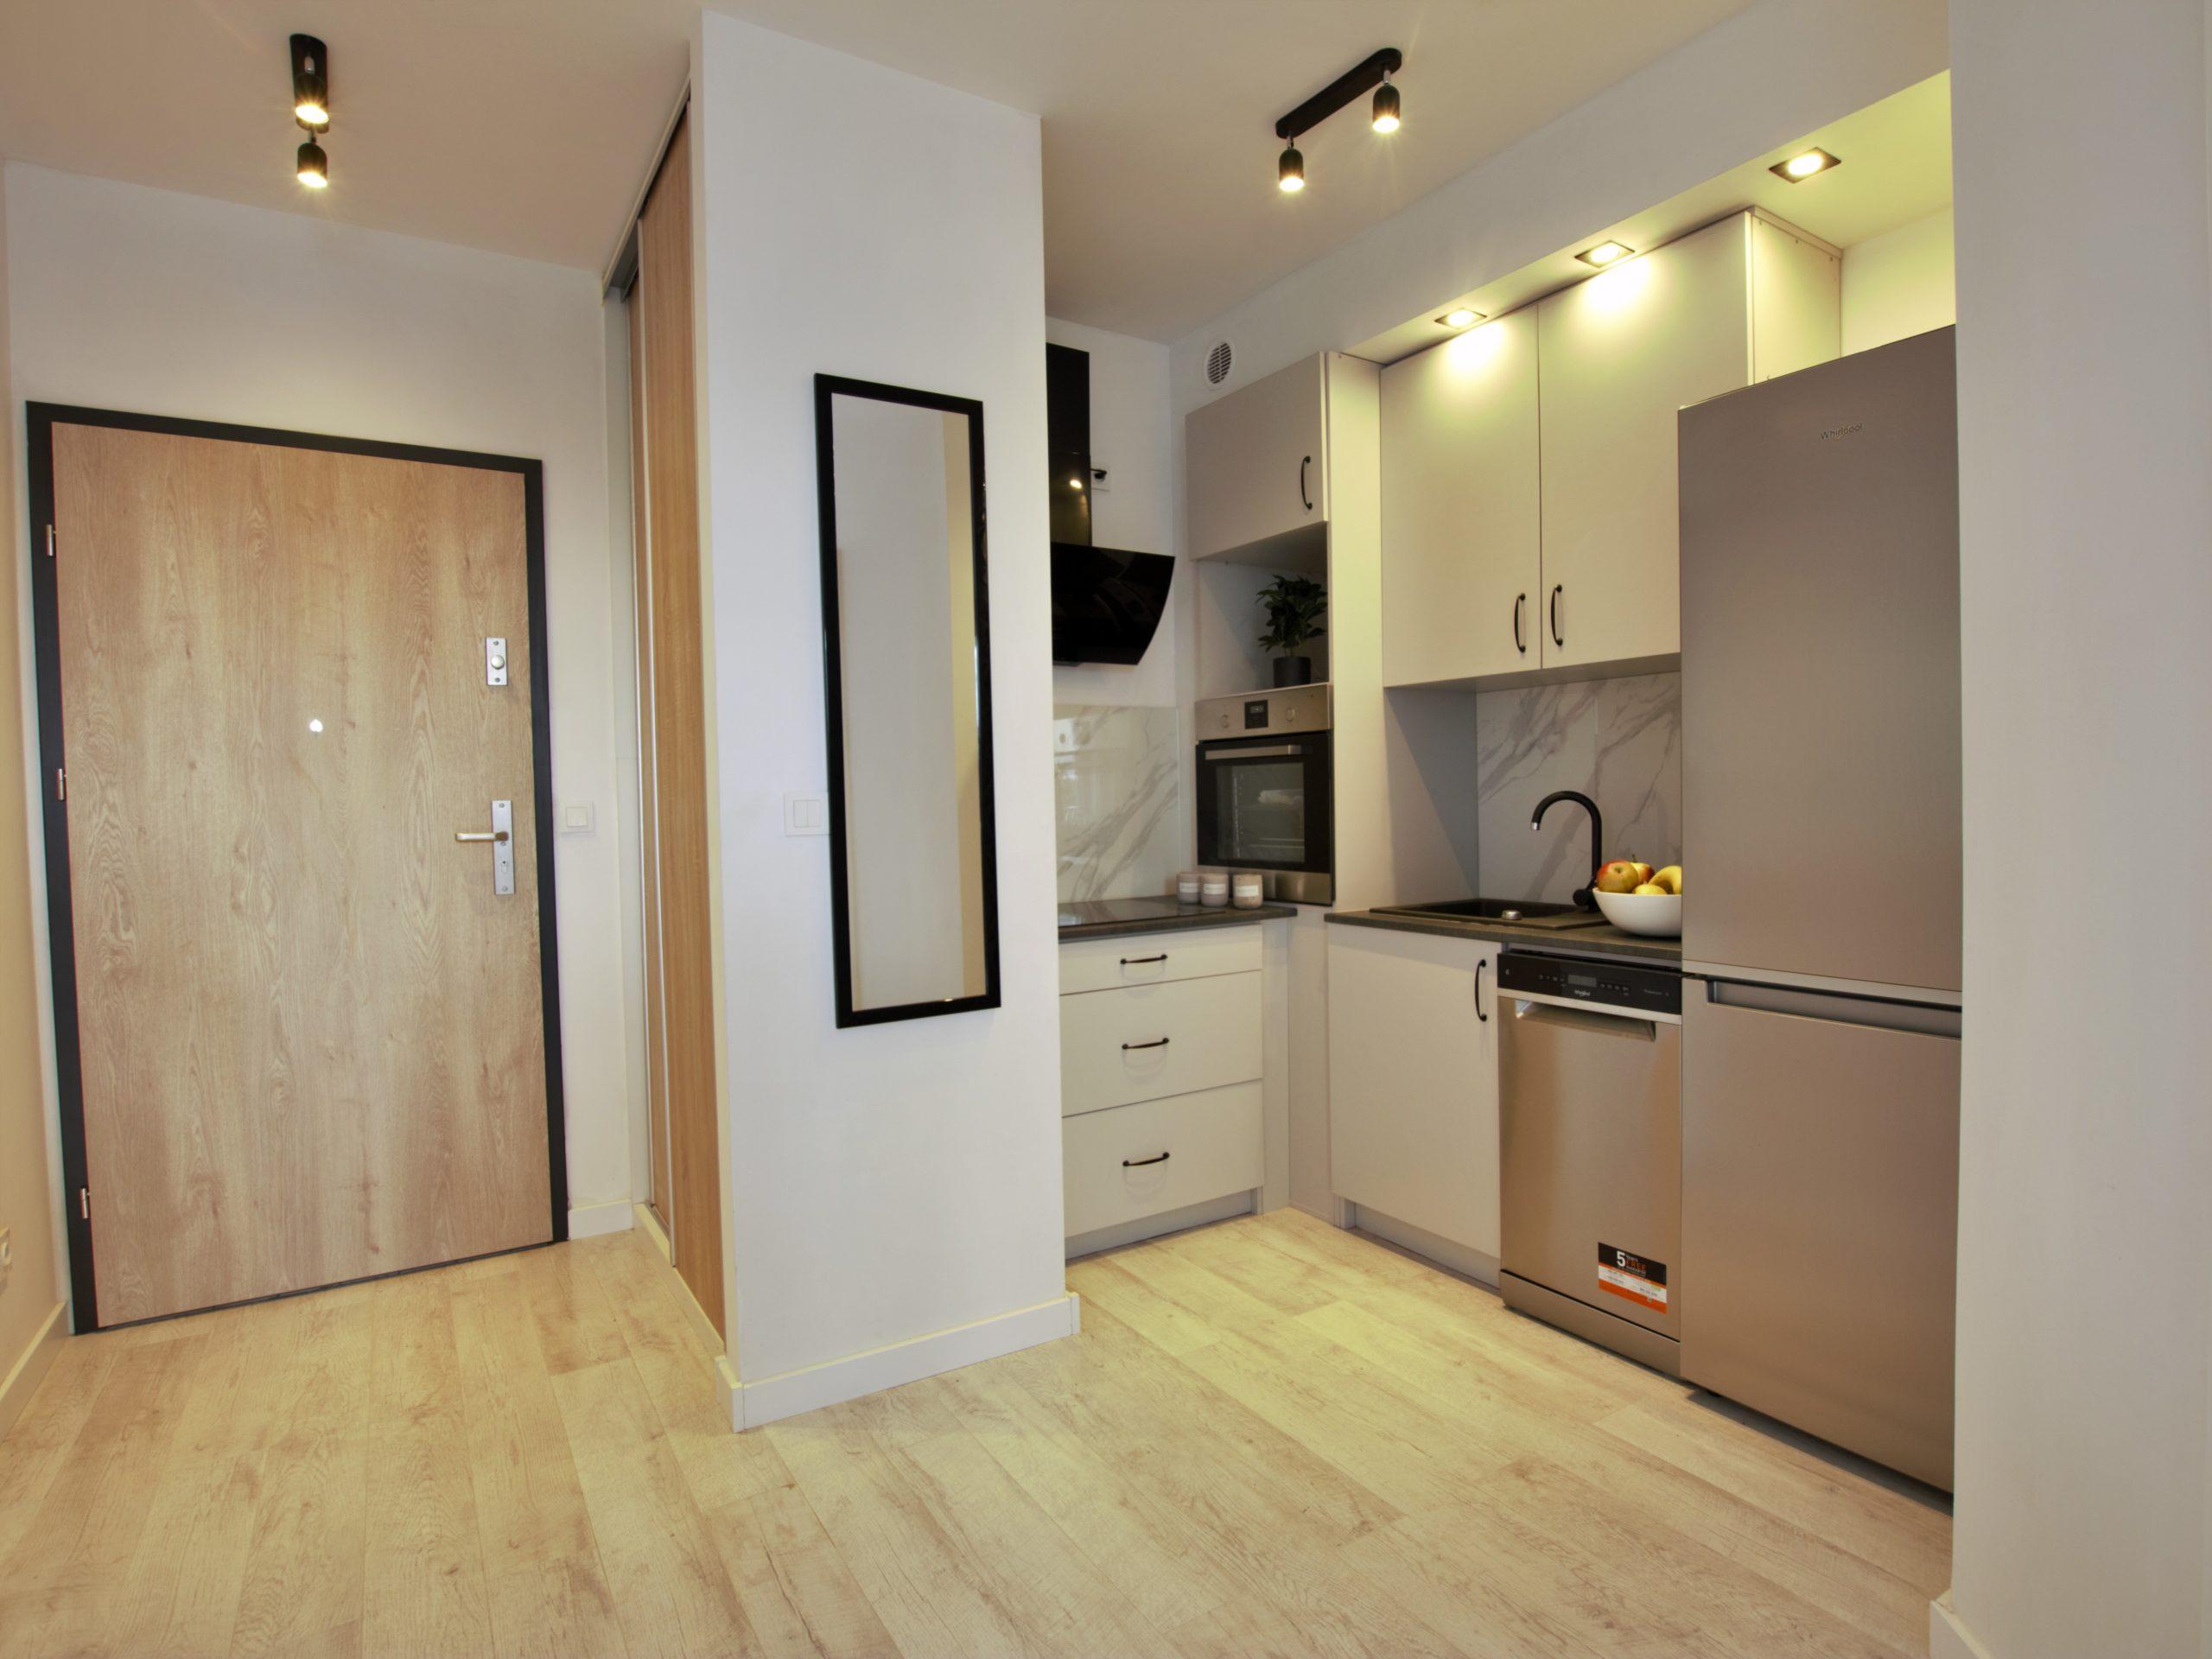 Nowe mieszkanie, 44 m2, ul. Druskienicka, Poznań